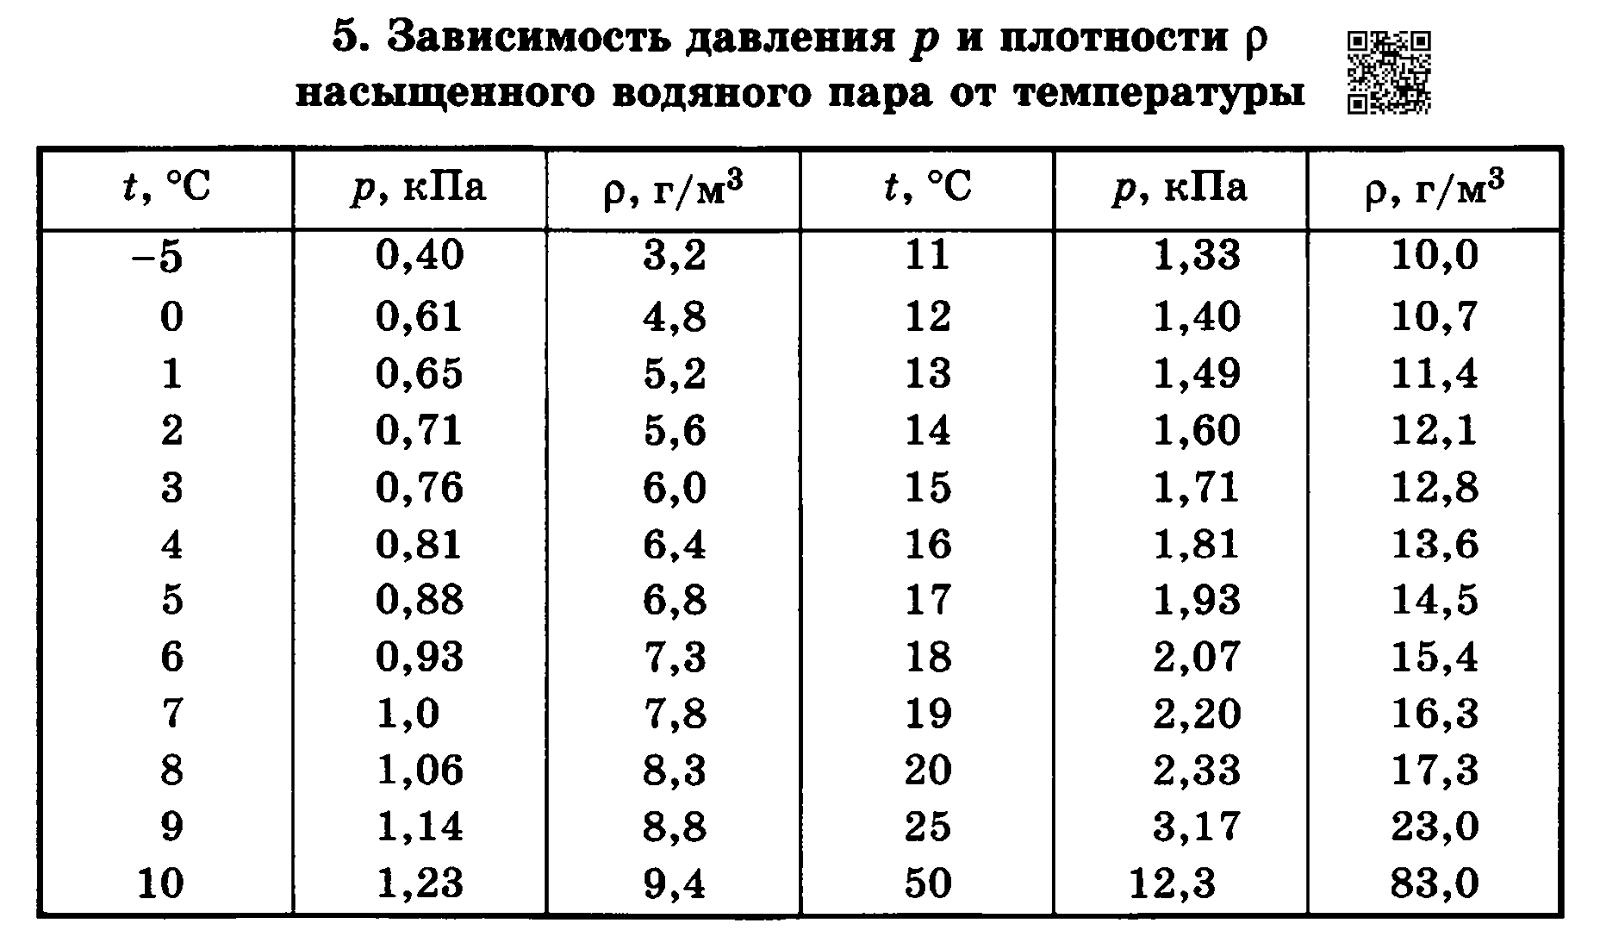 давление воздуха в велосипедной камере при 12 с равно 1 5кпа каким оно станет при 42 с